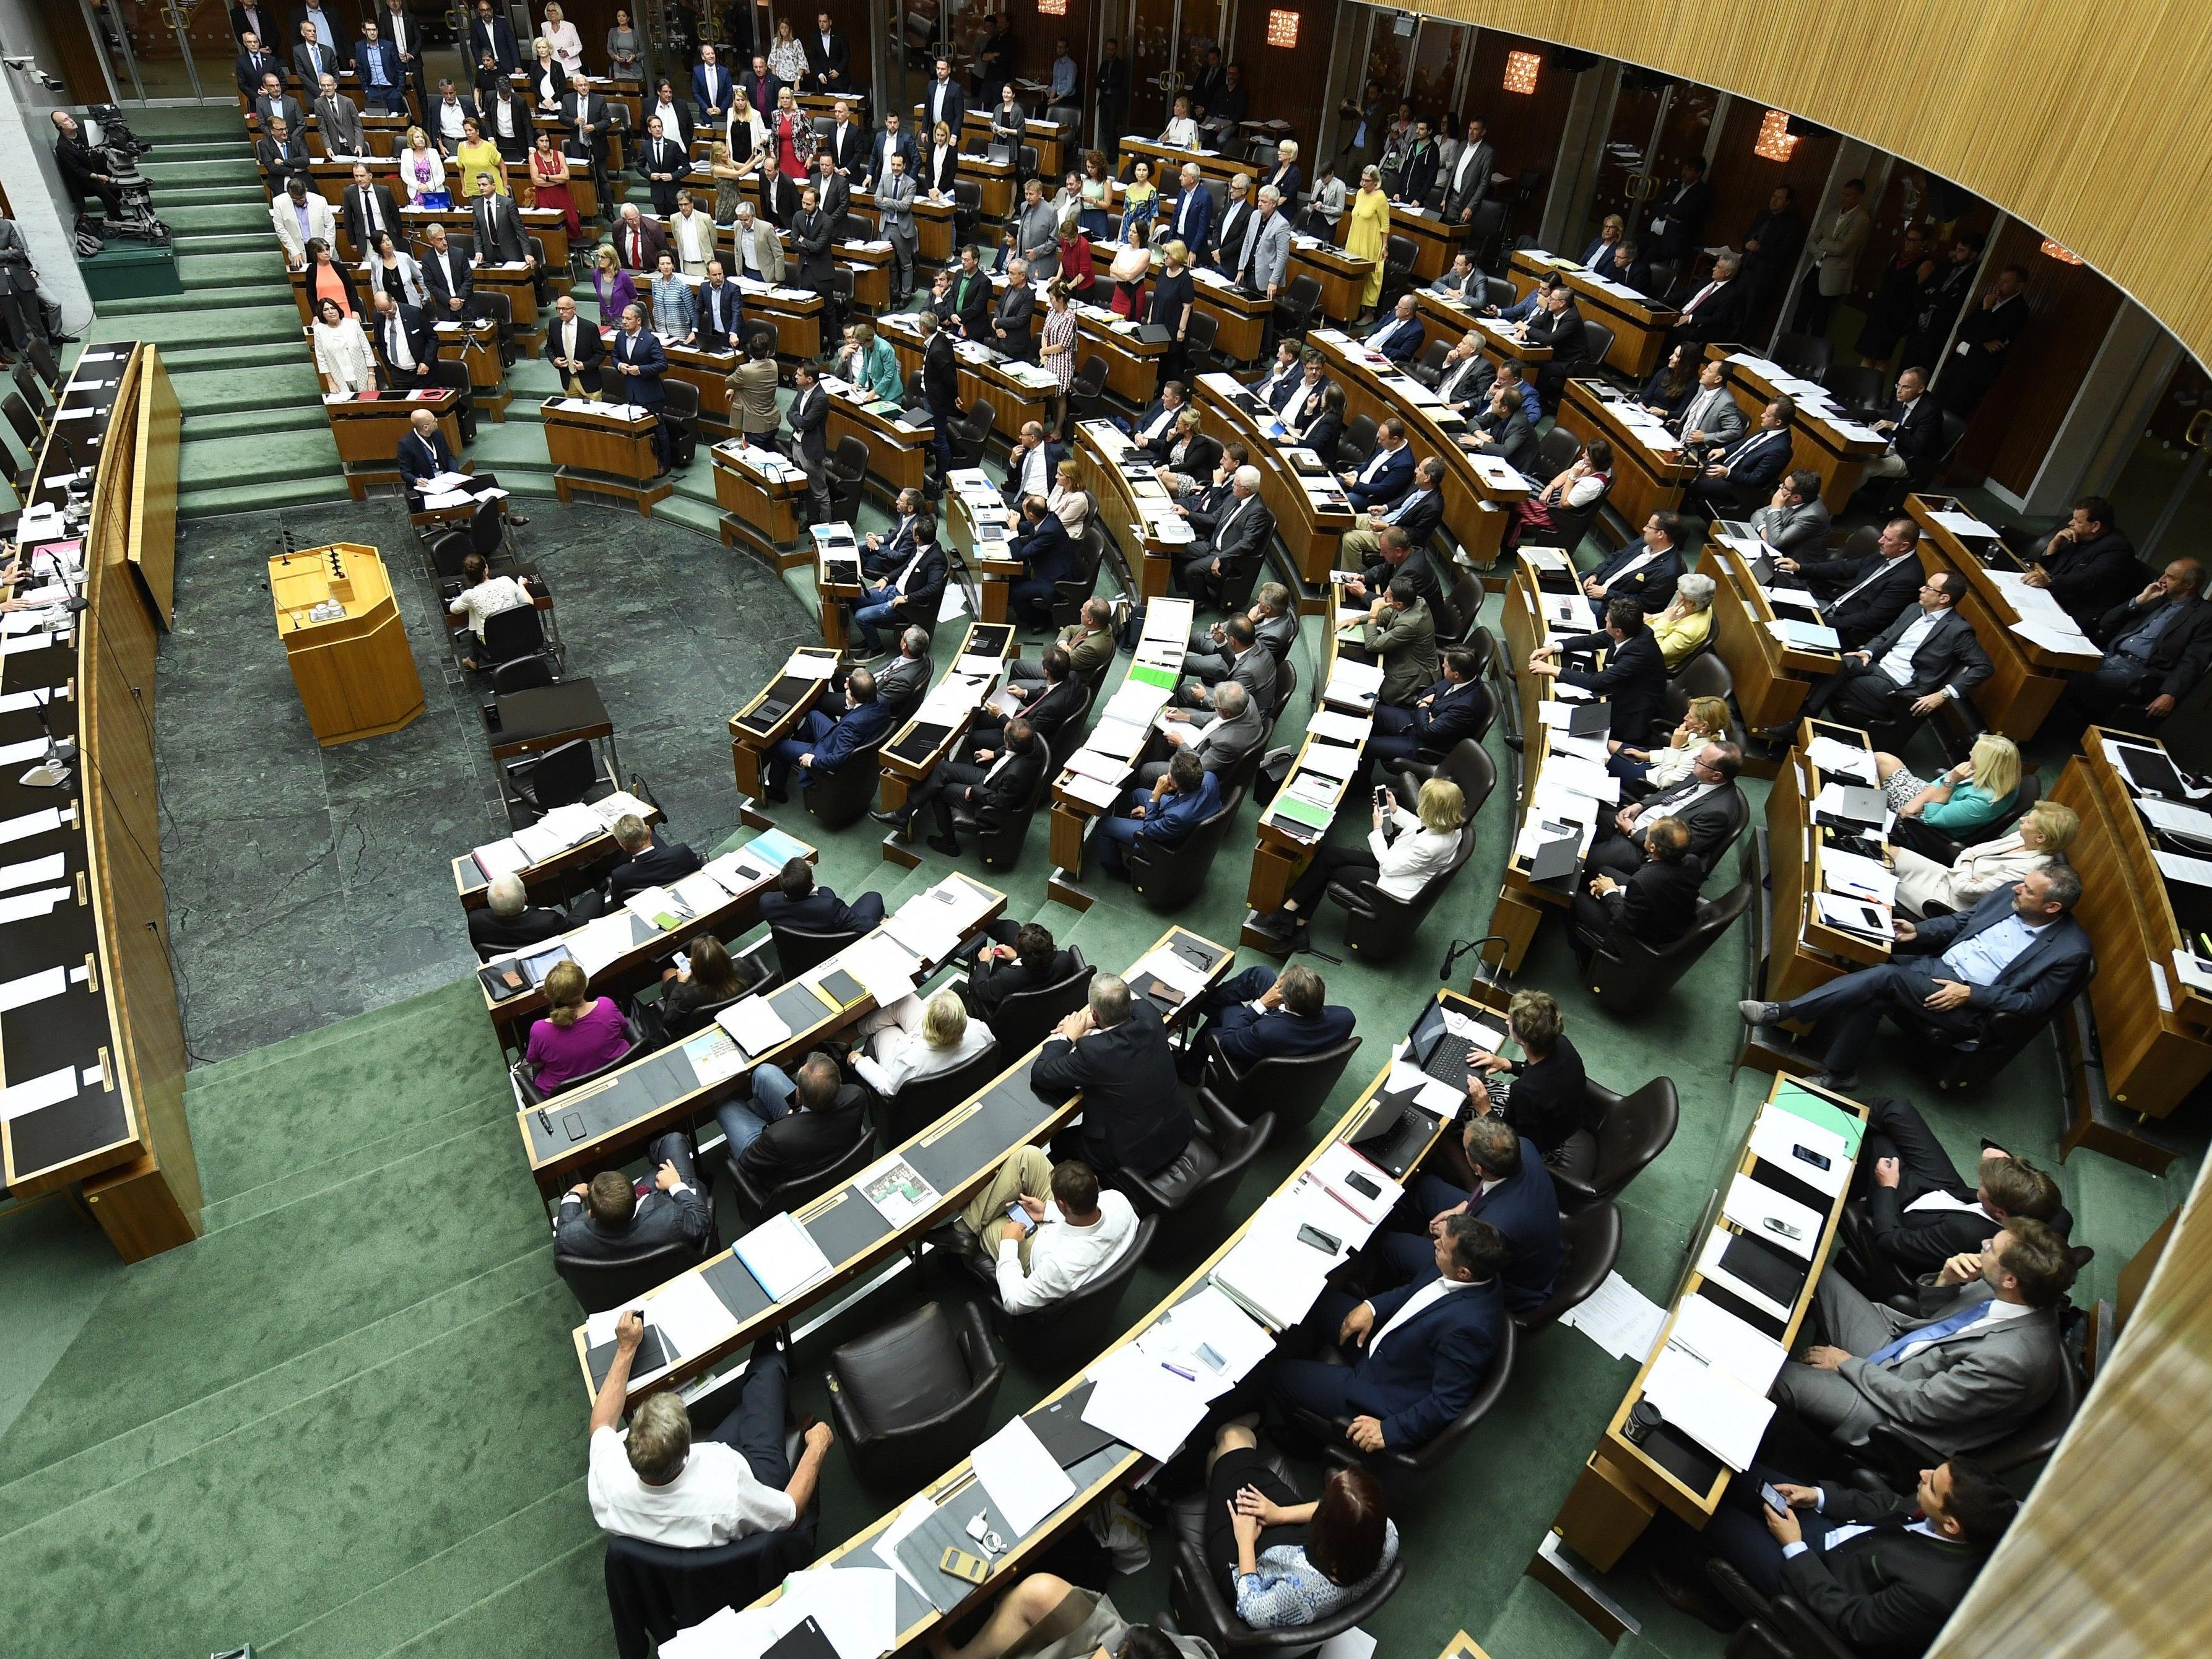 Am 15. Oktober wird gewählt, am 12. und 13. wären Nationalratssitzungen geplant.